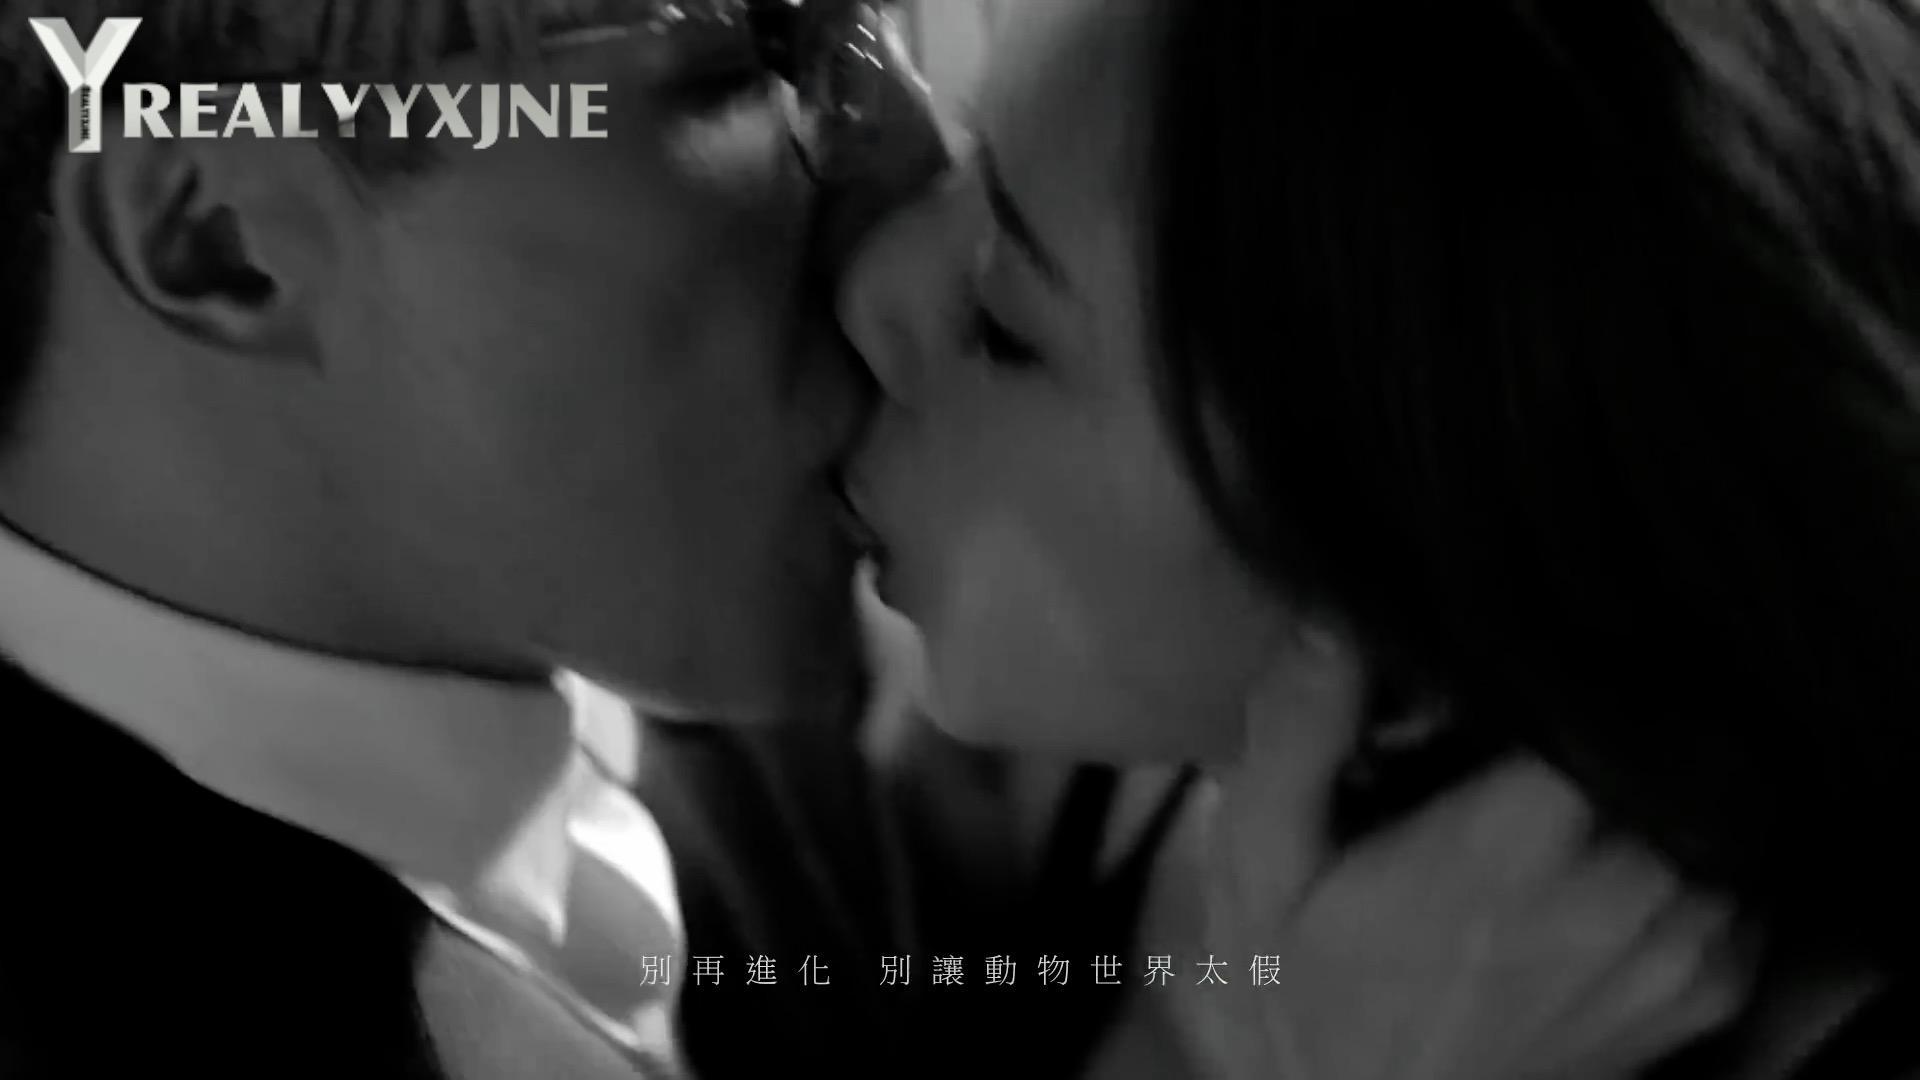 薛之谦也《动物世界》 和林志玲激吻谍战短剧 尔虞我诈三角恋